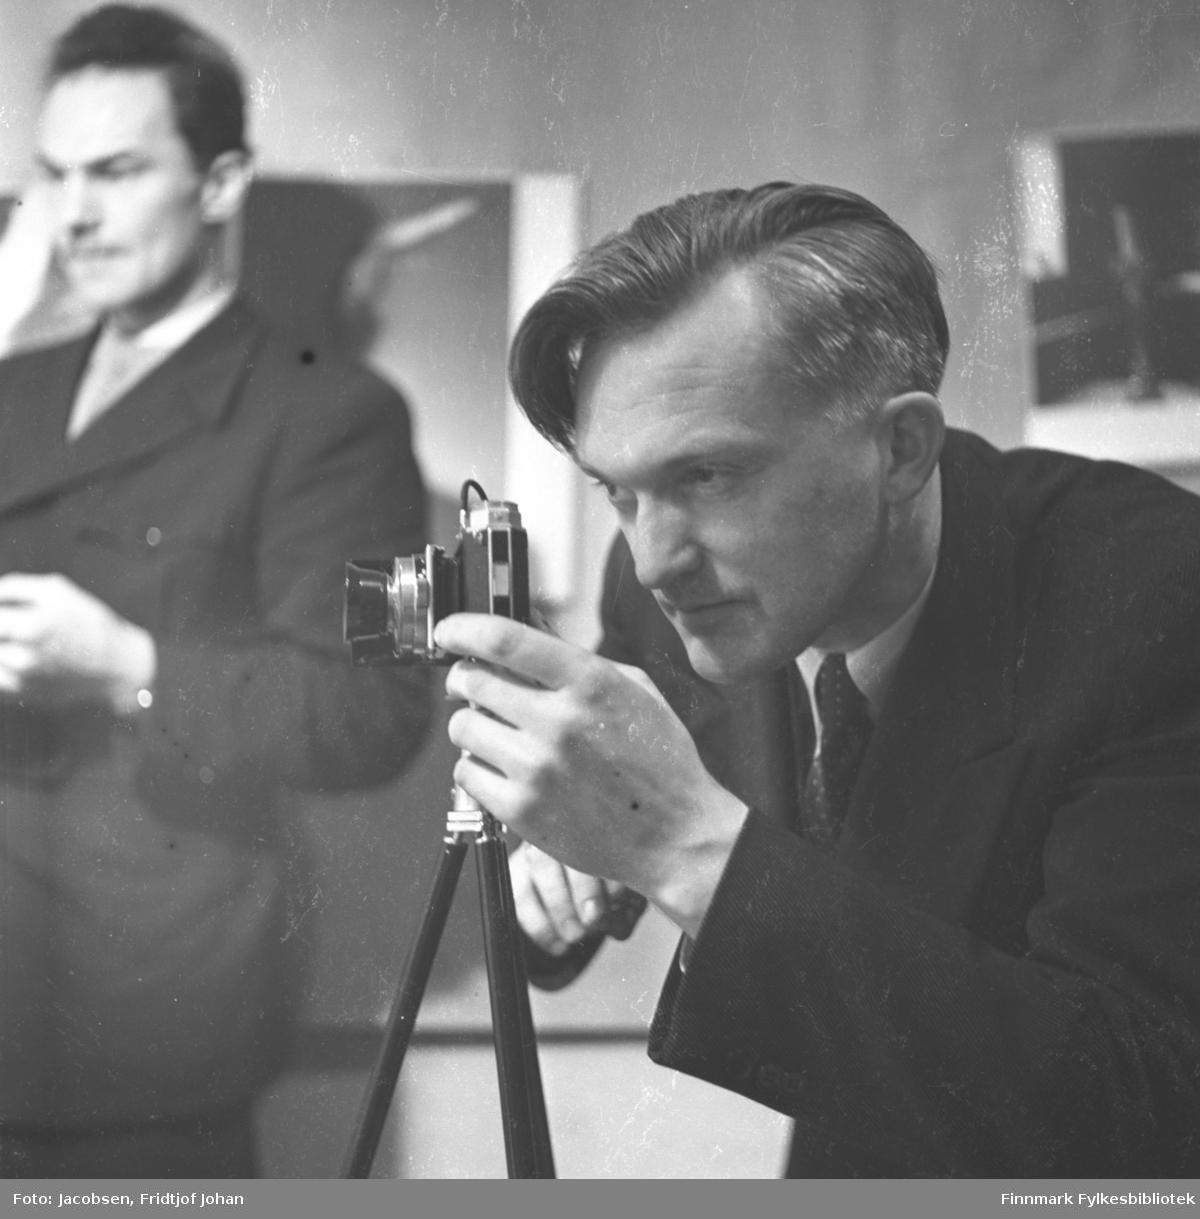 Fridtjof Jacobsen fotografert av Alf Edvard Jacobsen mens han selv fotograferer. Han har en mørk dress med hvit skjorte og slips på seg. Kameraet står på et stativ. En mann i mørk dress, hvit skjorte og slips står til venstre på bildet.